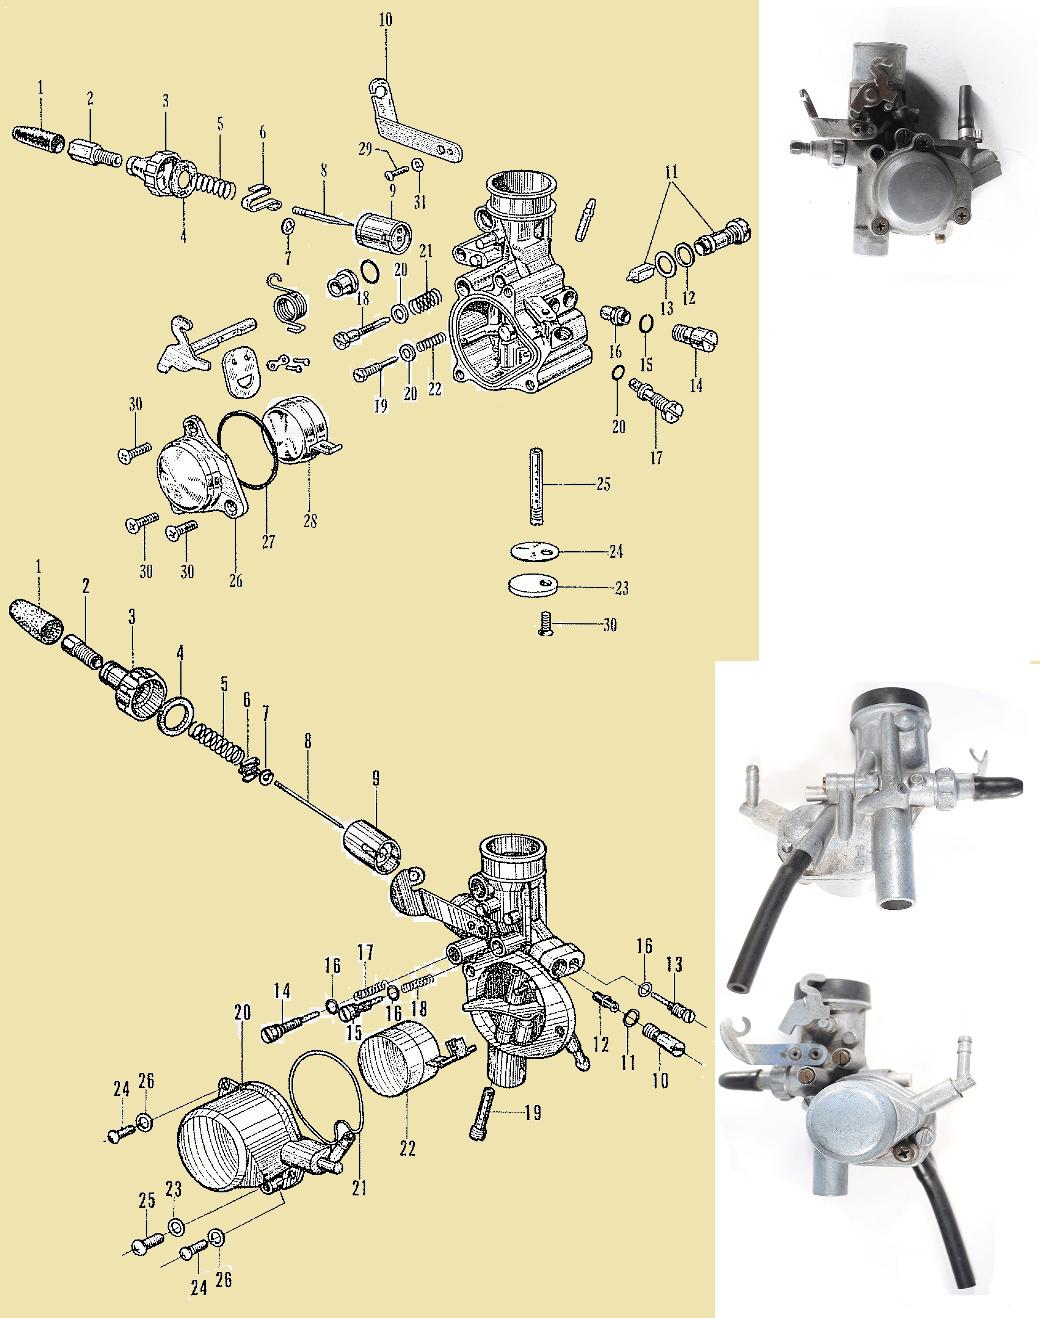 keihin cv carburetor diagram for labeling parts of teeth  myrons mopeds